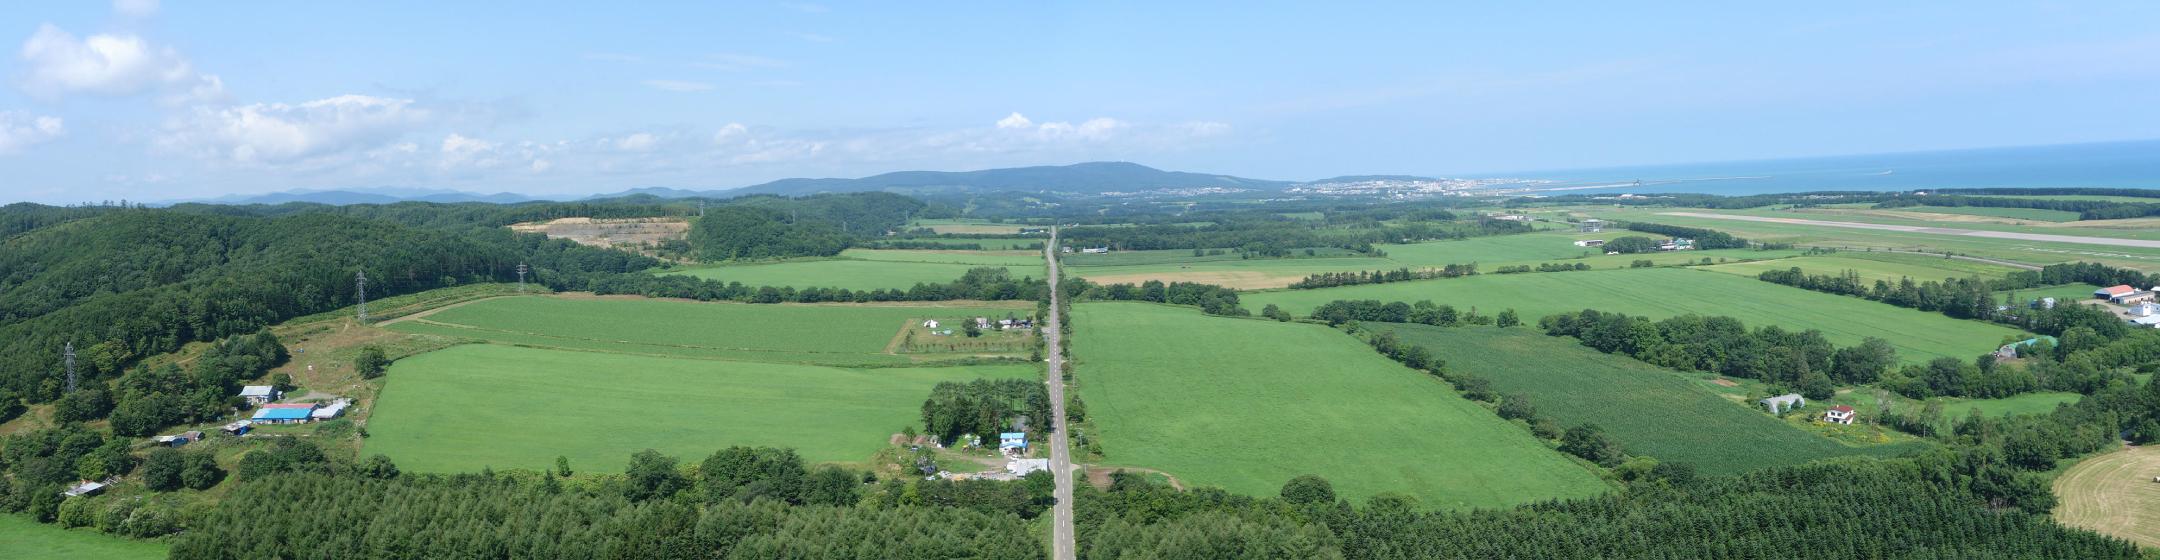 ヘリコプター空撮メイン写真